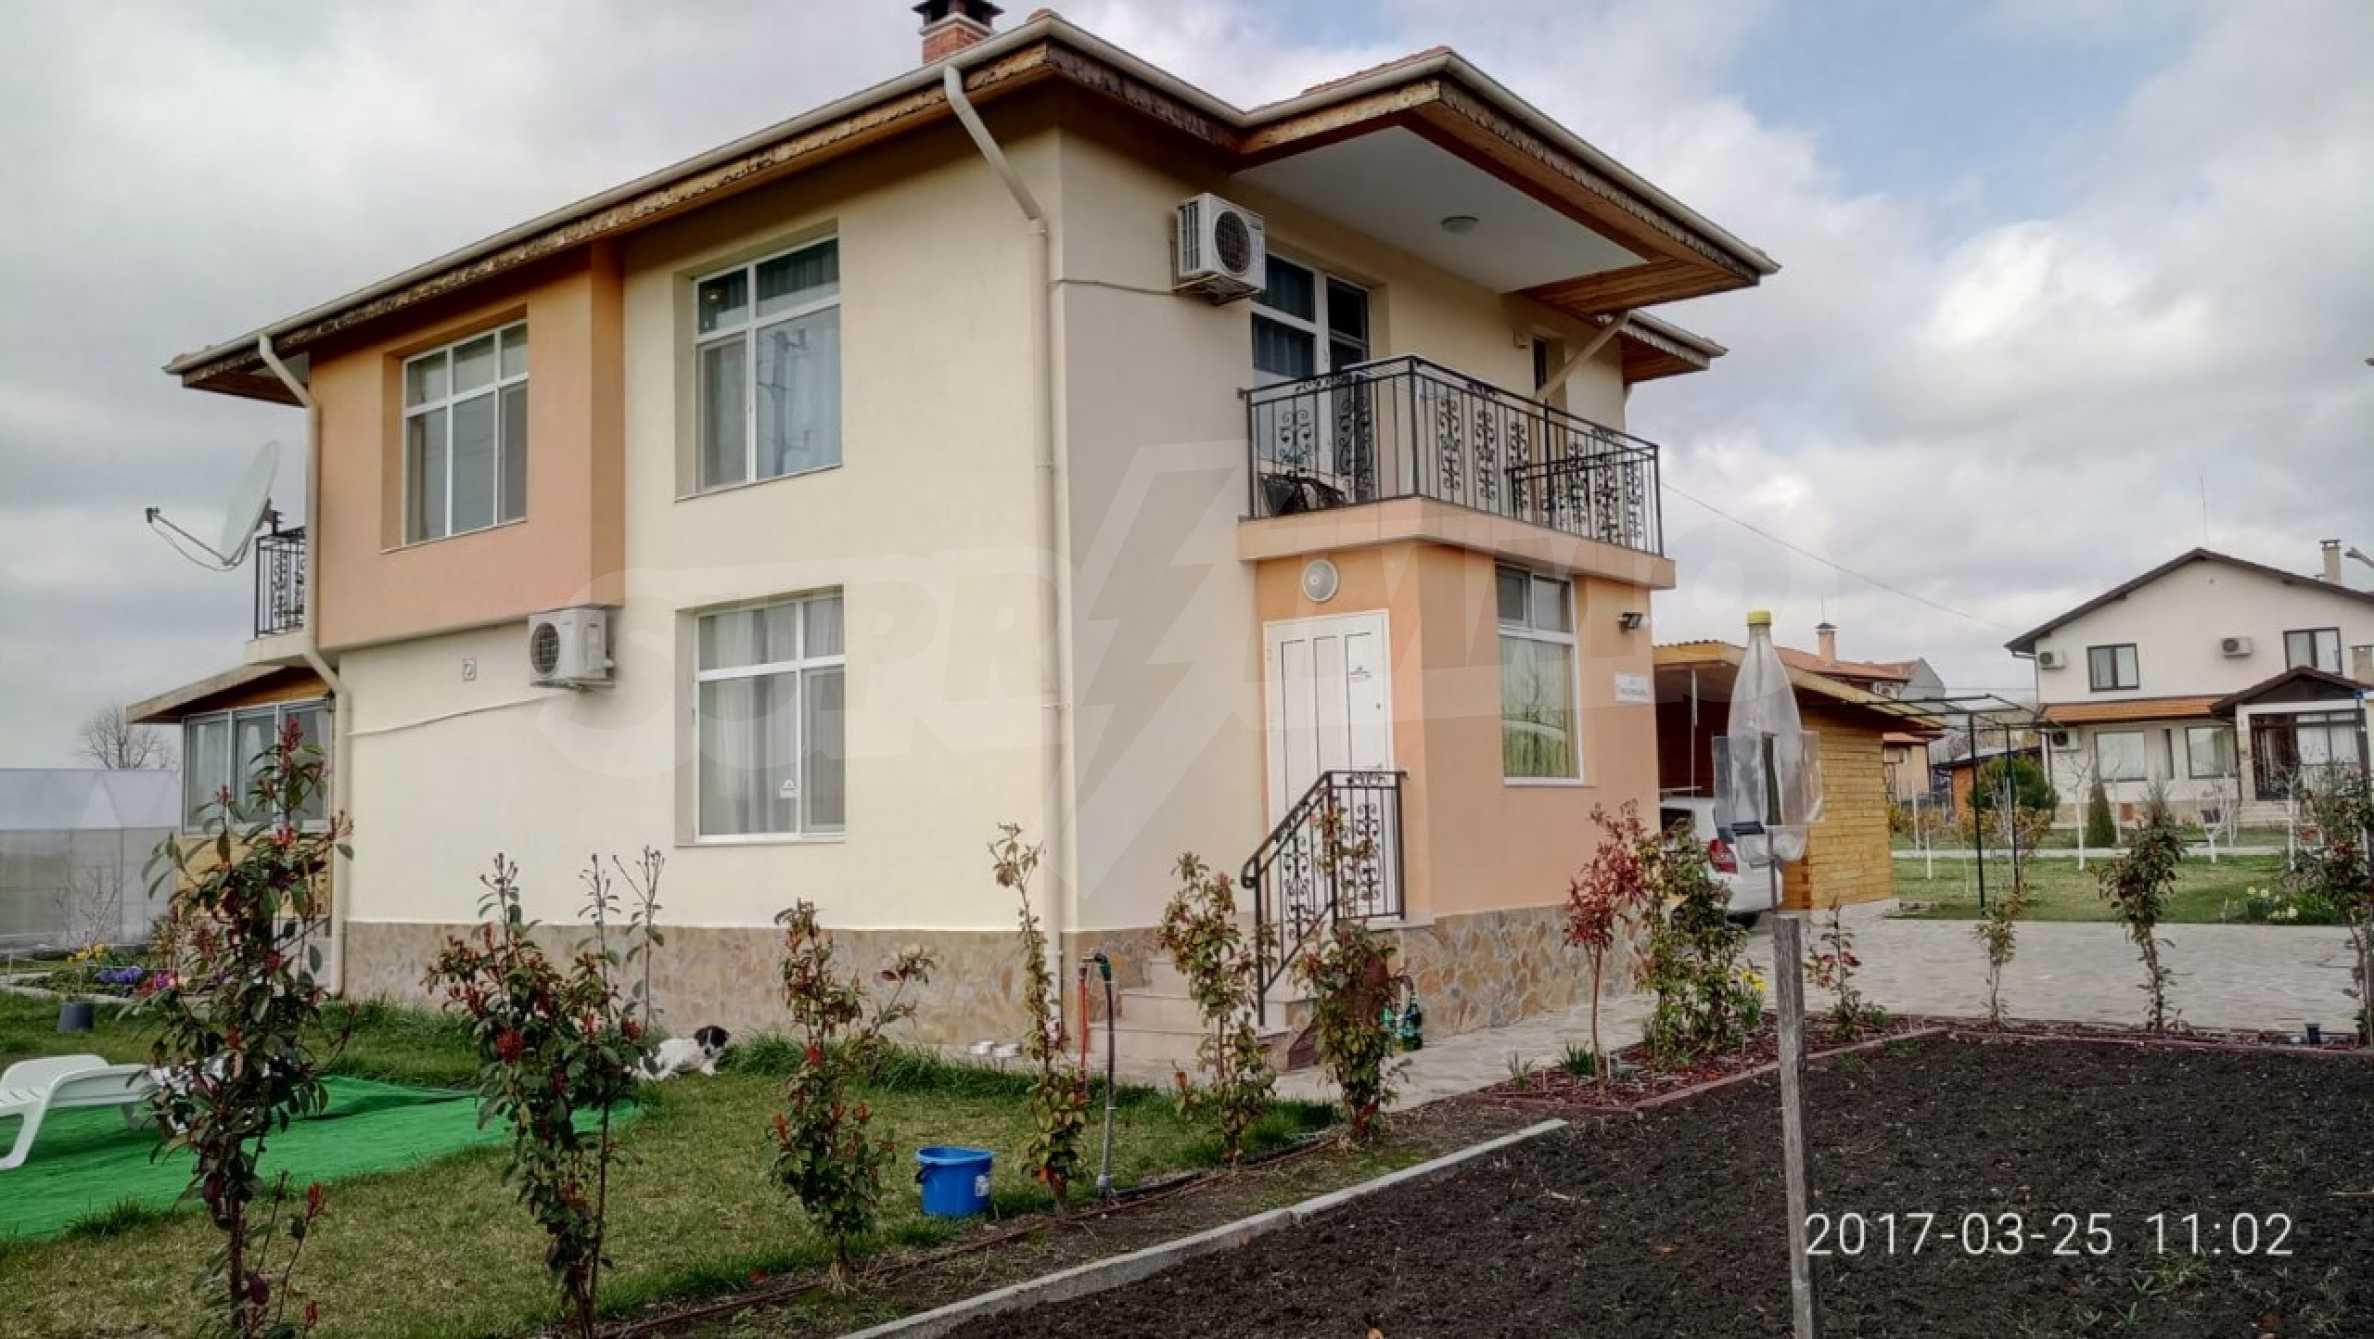 Herrliches Haus mit stilvoller Einrichtung im Df. Kamenar, Gemeinde Pomorie 18